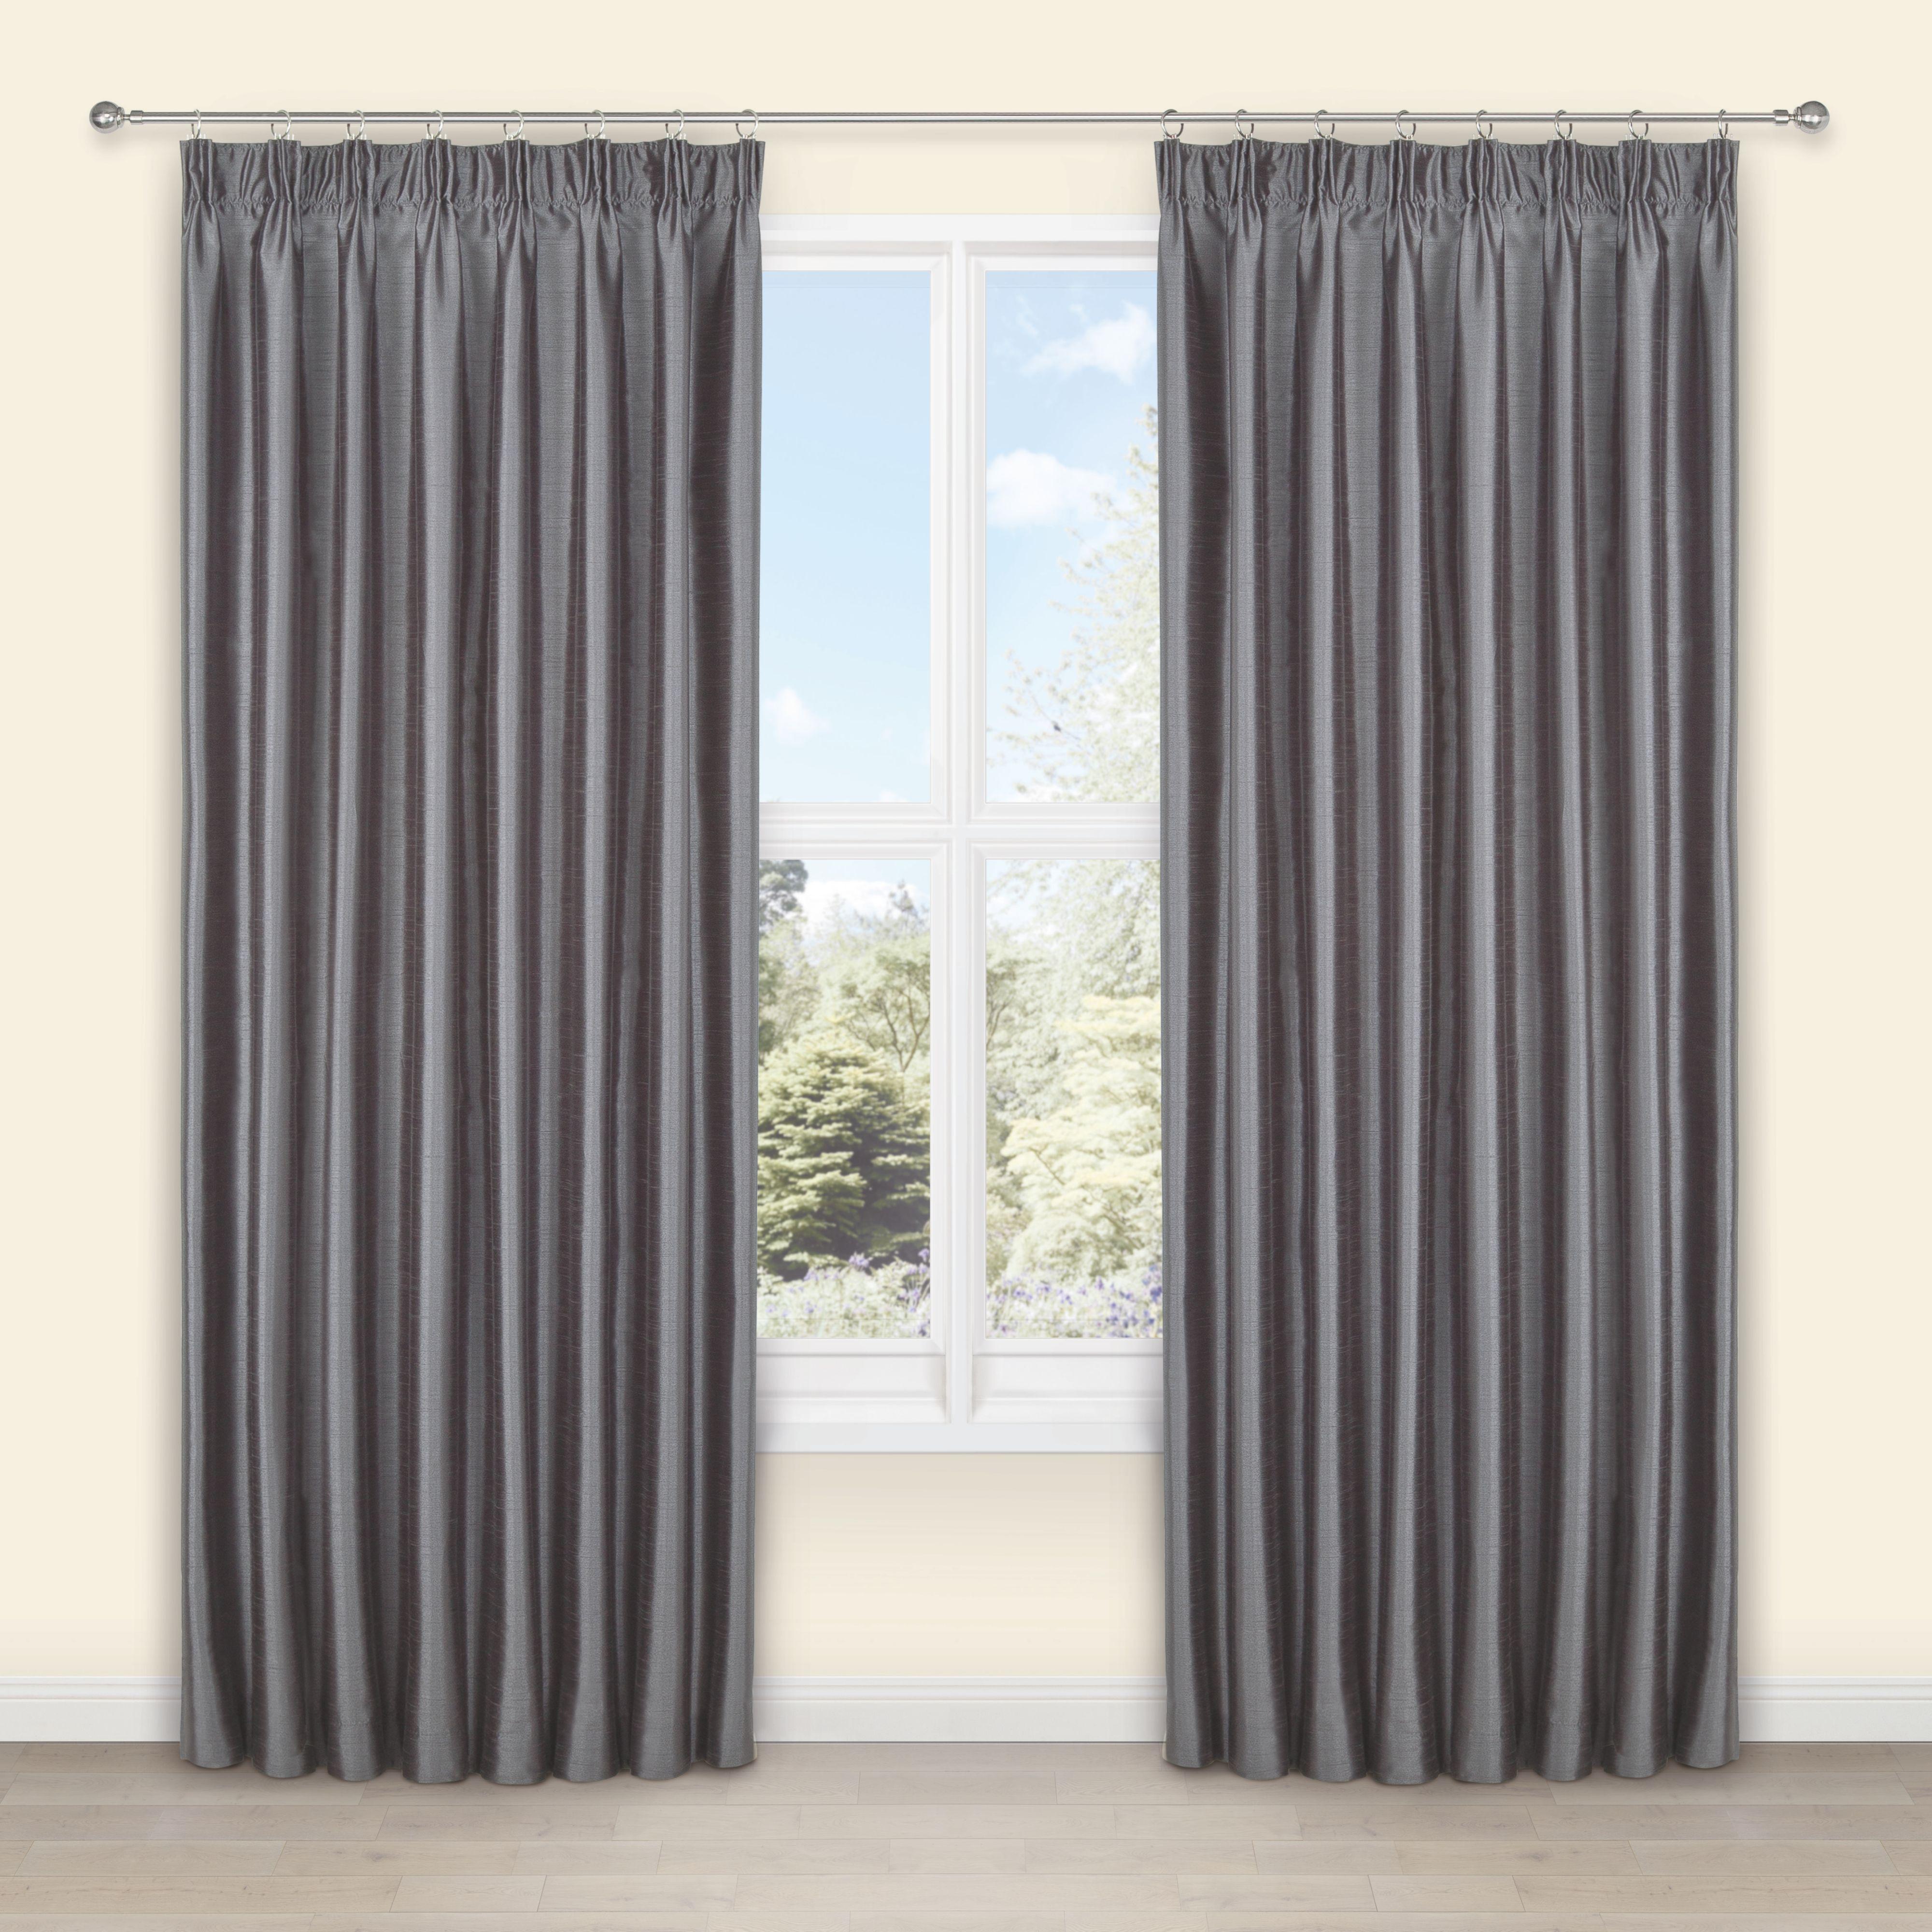 Villula Anthracite Plain Faux Silk Pencil Pleat Lined Curtains (w)228 Cm (l)228 Cm